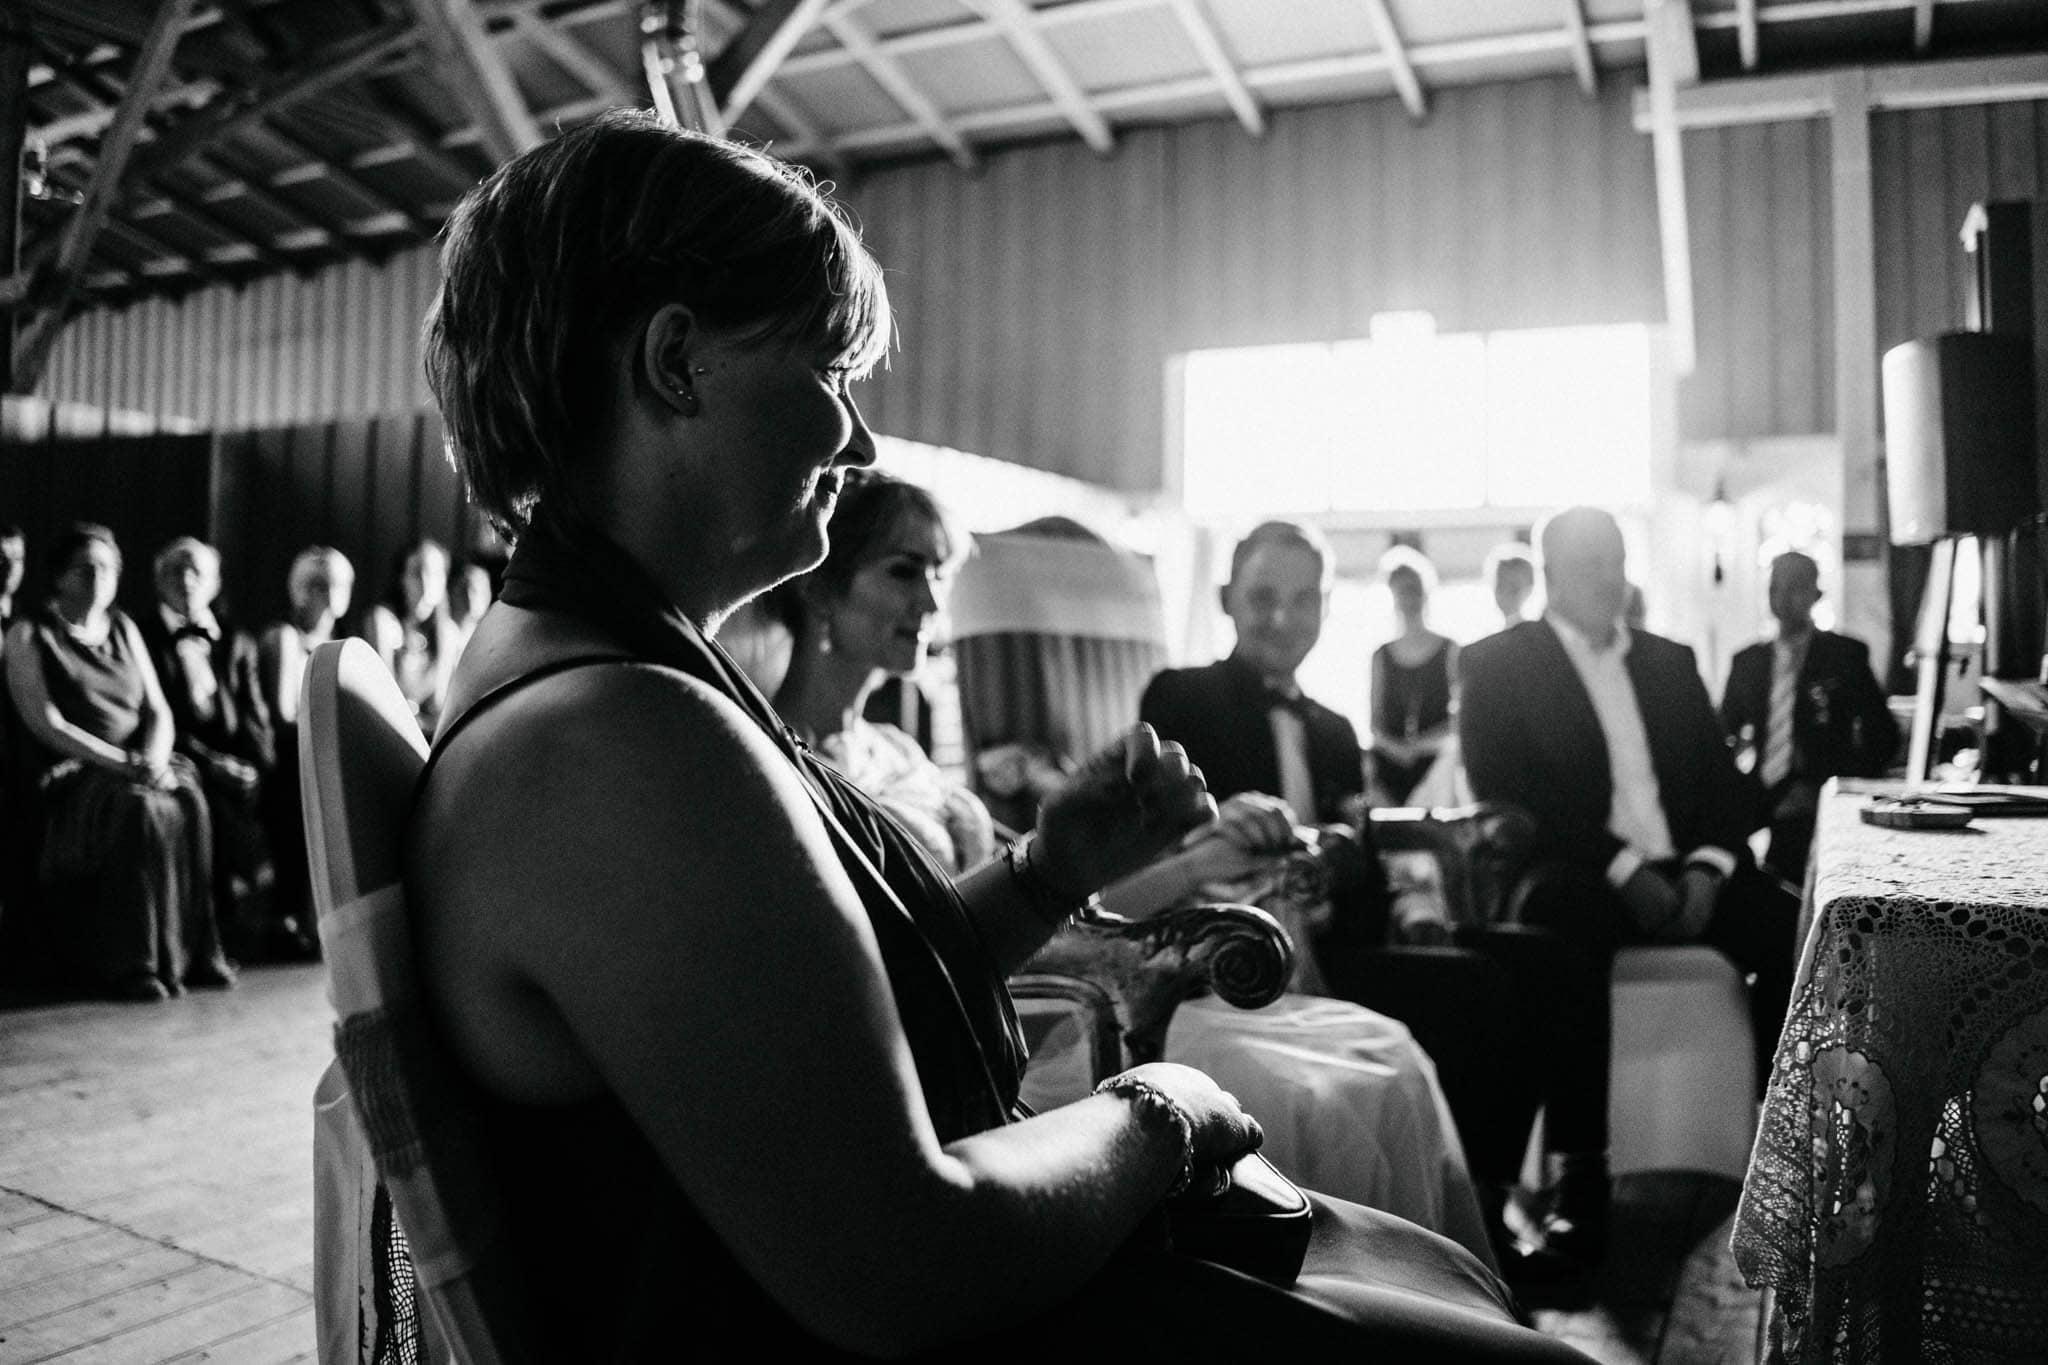 Hochzeitsfieber by Photo-Schomburg, Hoichzeitsfotograf, Hamburg, Wedding, Weddingtime, Hochzeitspaar, Braut, Bräutigam, Hochzeit im Norden,-46